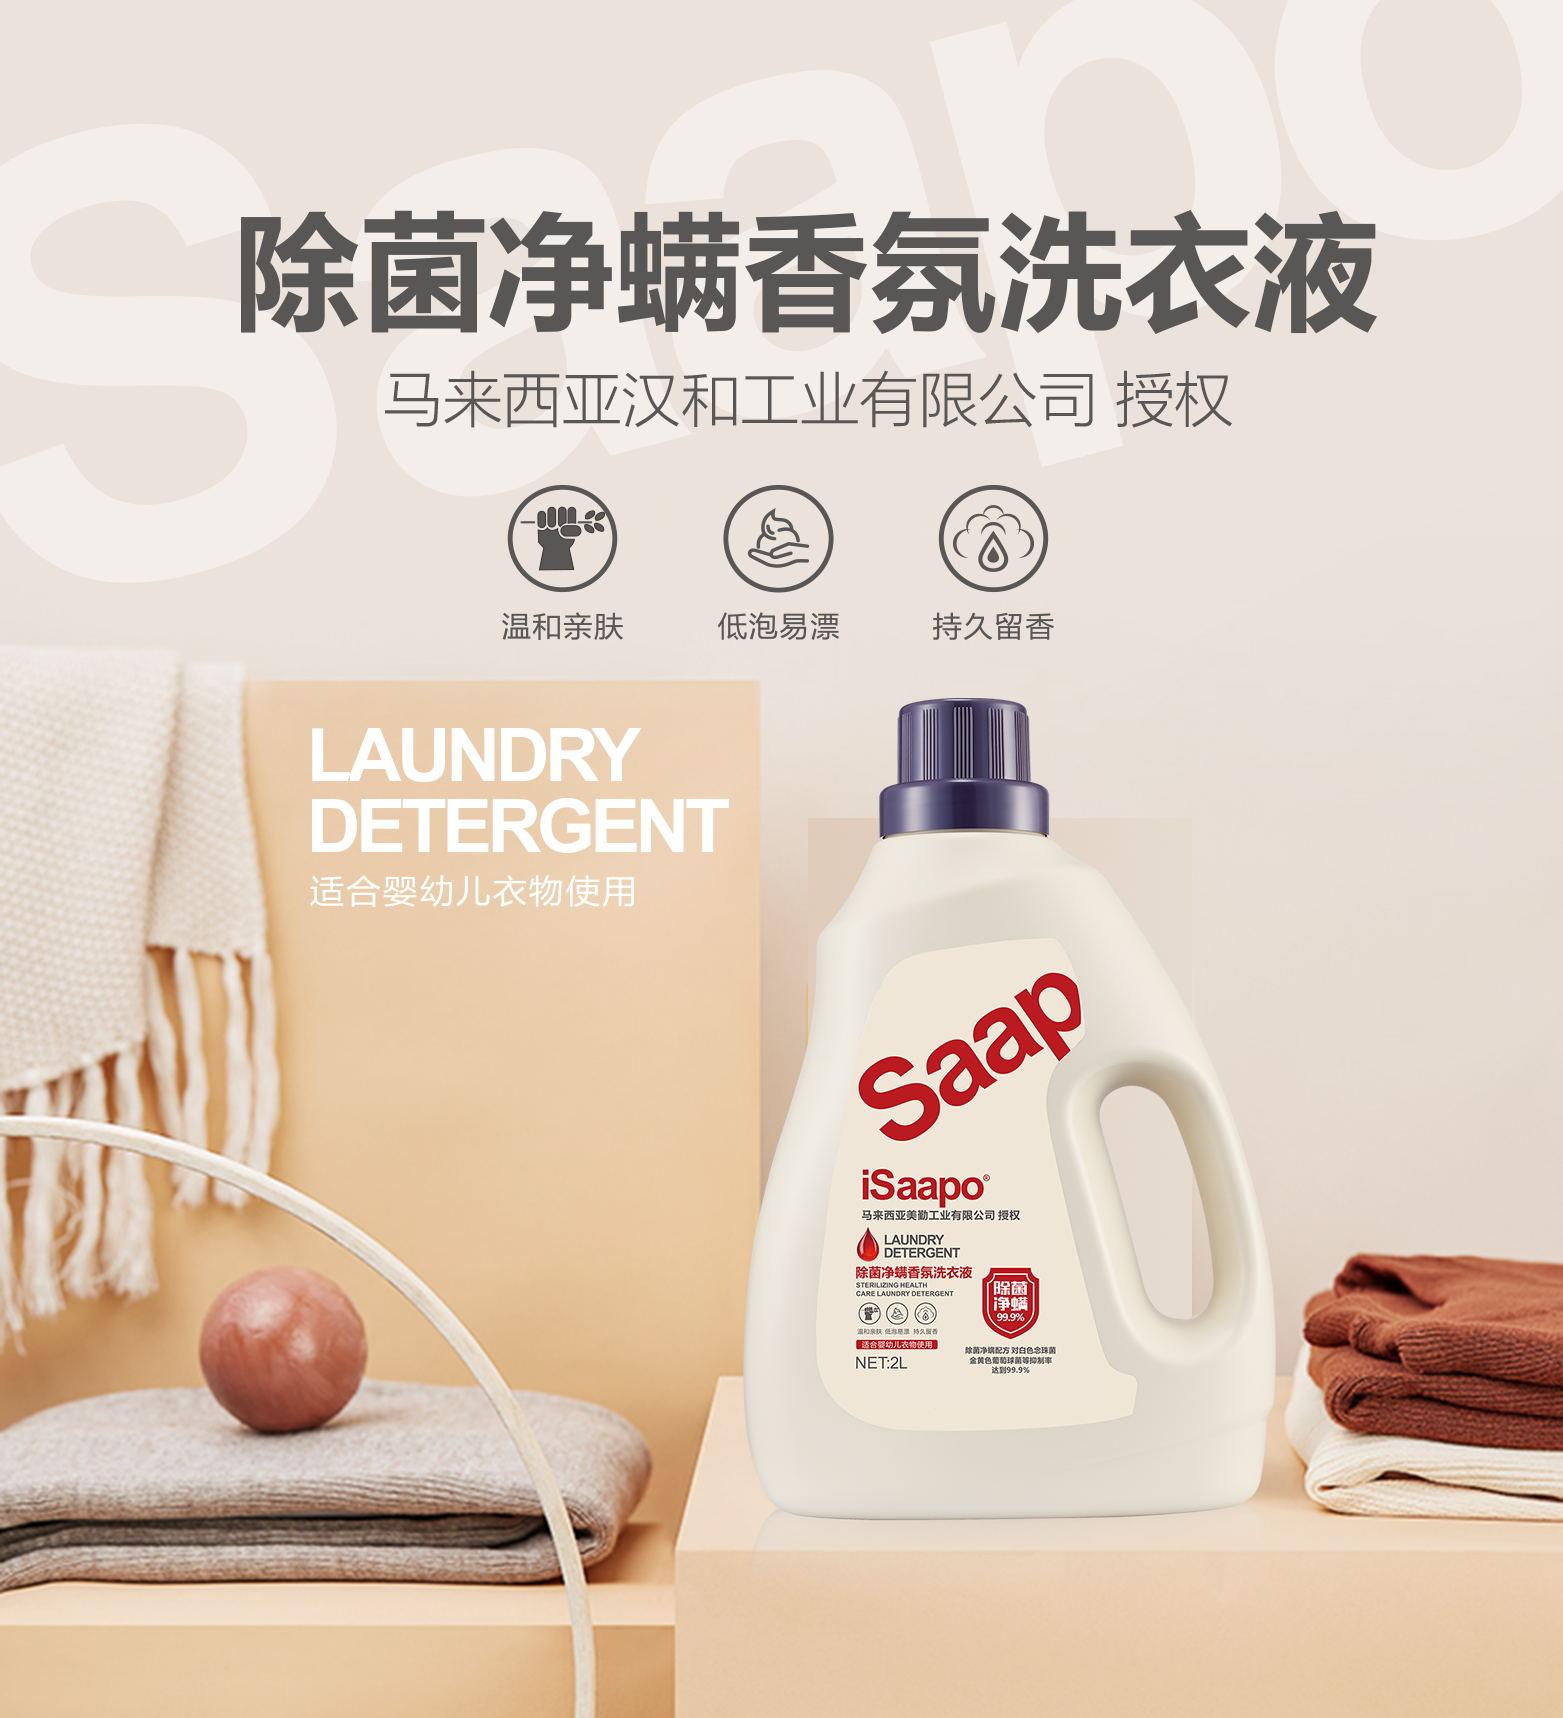 isaapo-艾舒泊除菌净螨香氛洗衣液